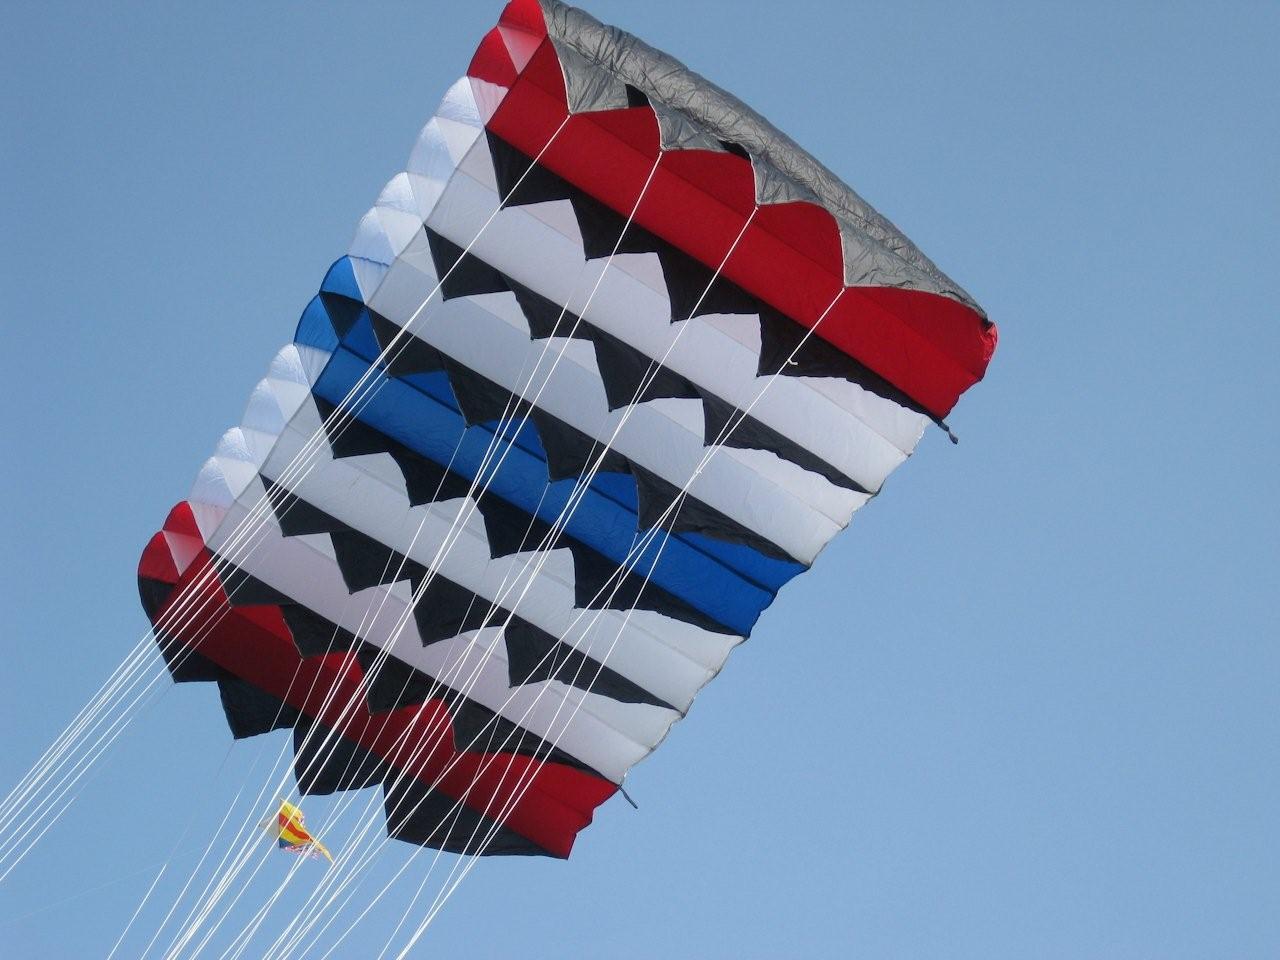 2010 Vroomshoop vliegerfestival